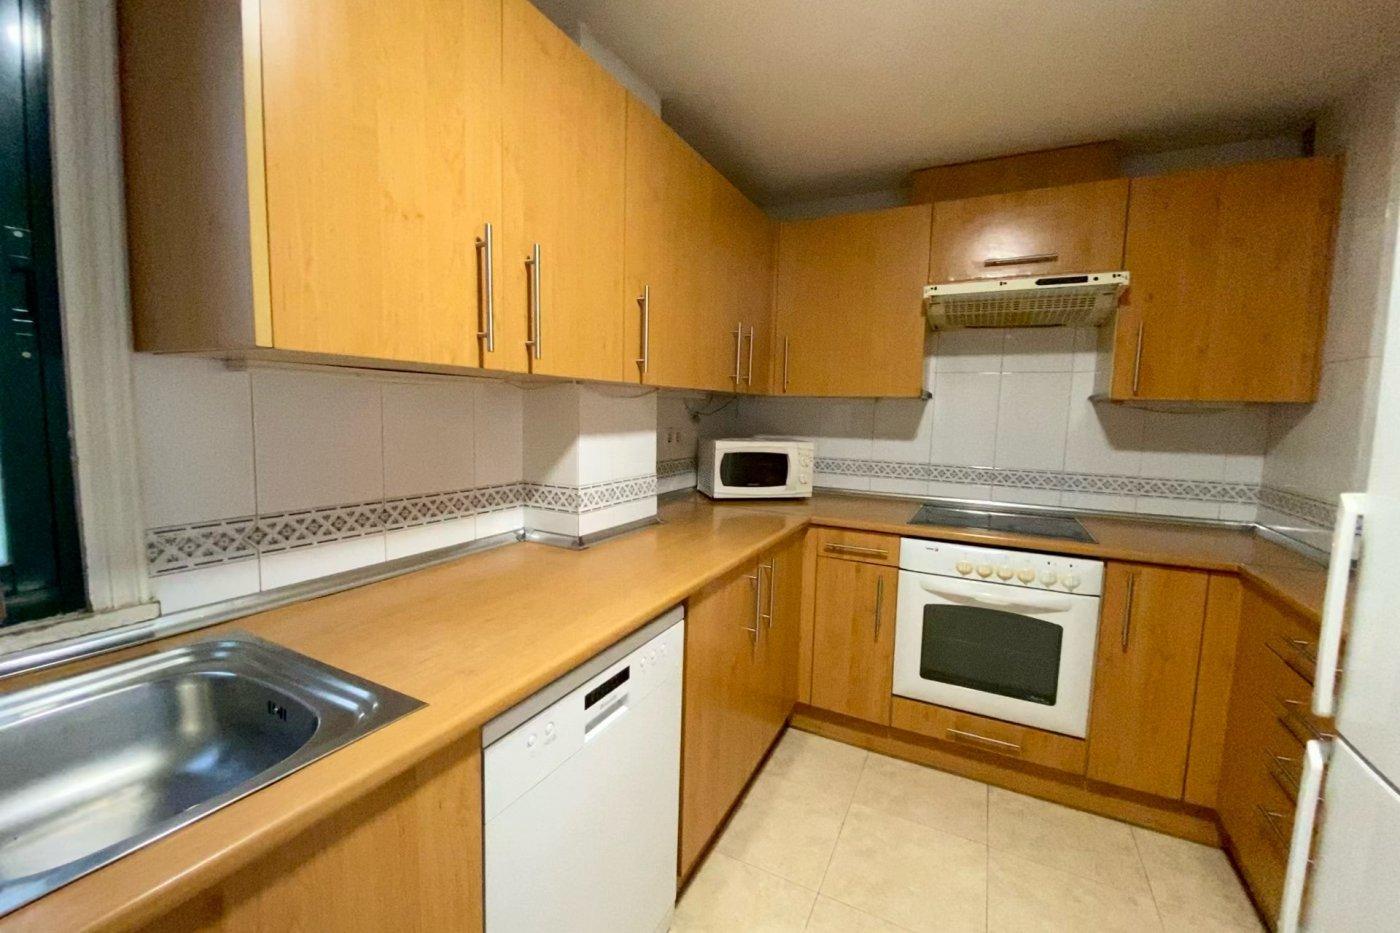 Piso sin muebles de 105 m² de superficie en zona residencial de son cotoner, palma de mall - imagenInmueble2